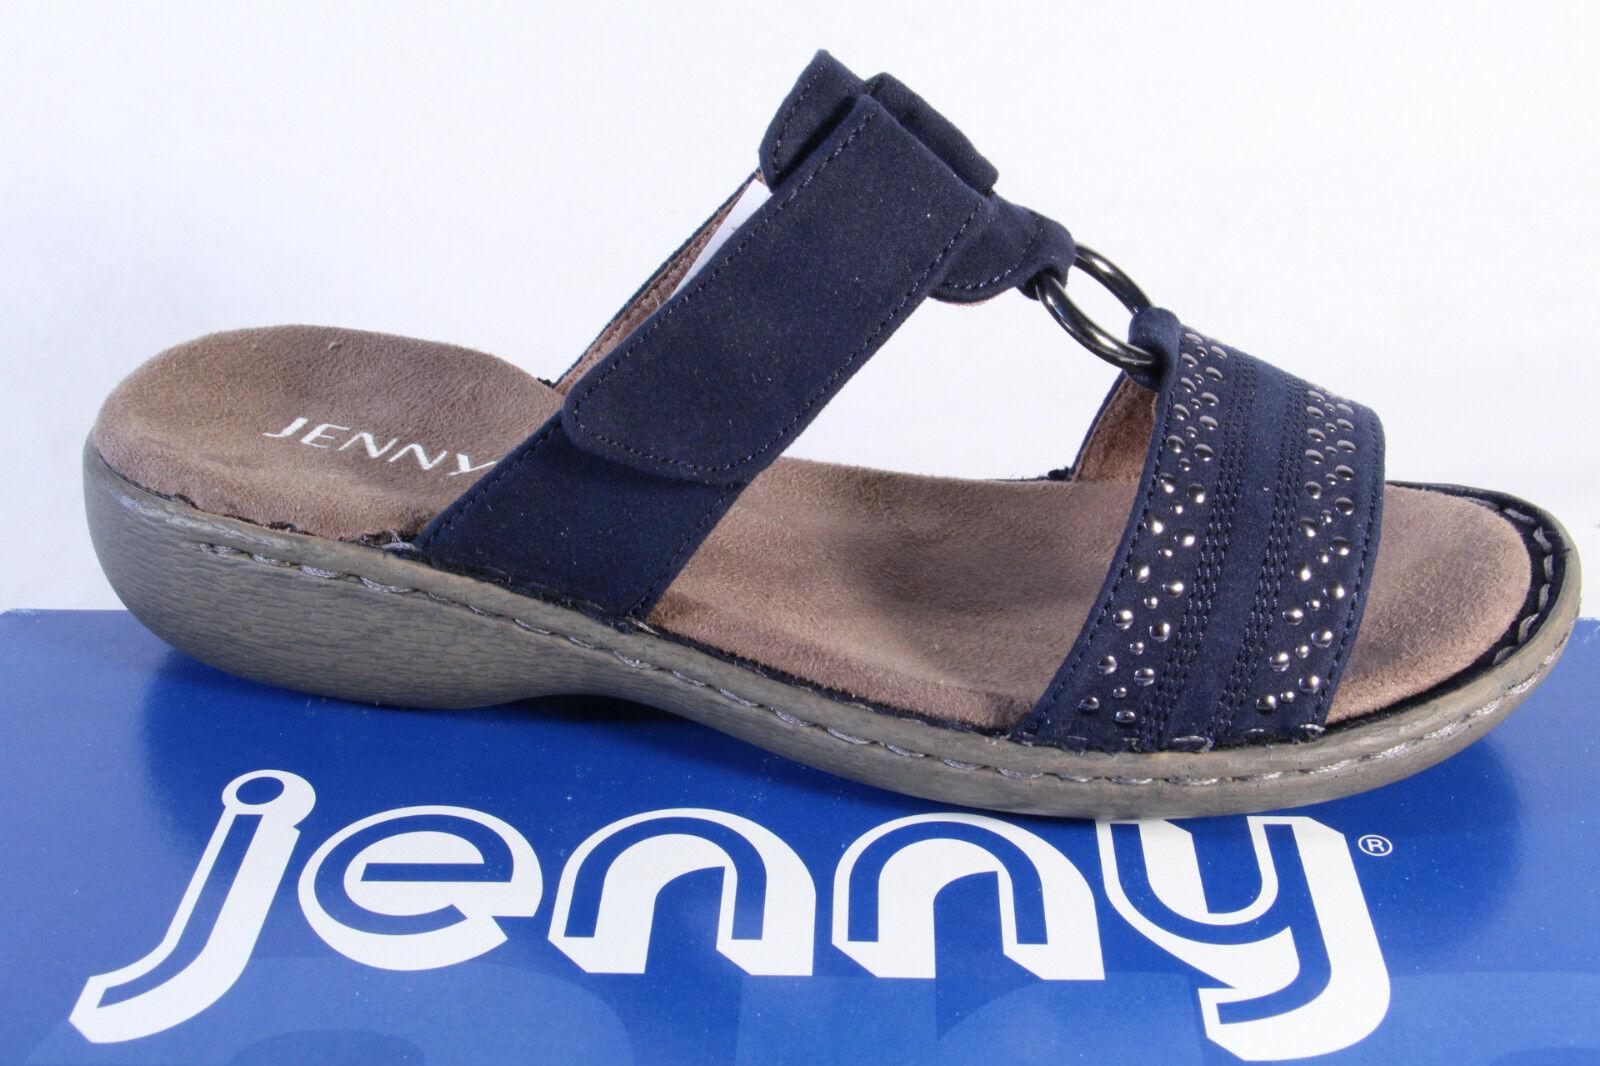 Jenny señora sandalia es sandalias azul, de velcro! nuevo!